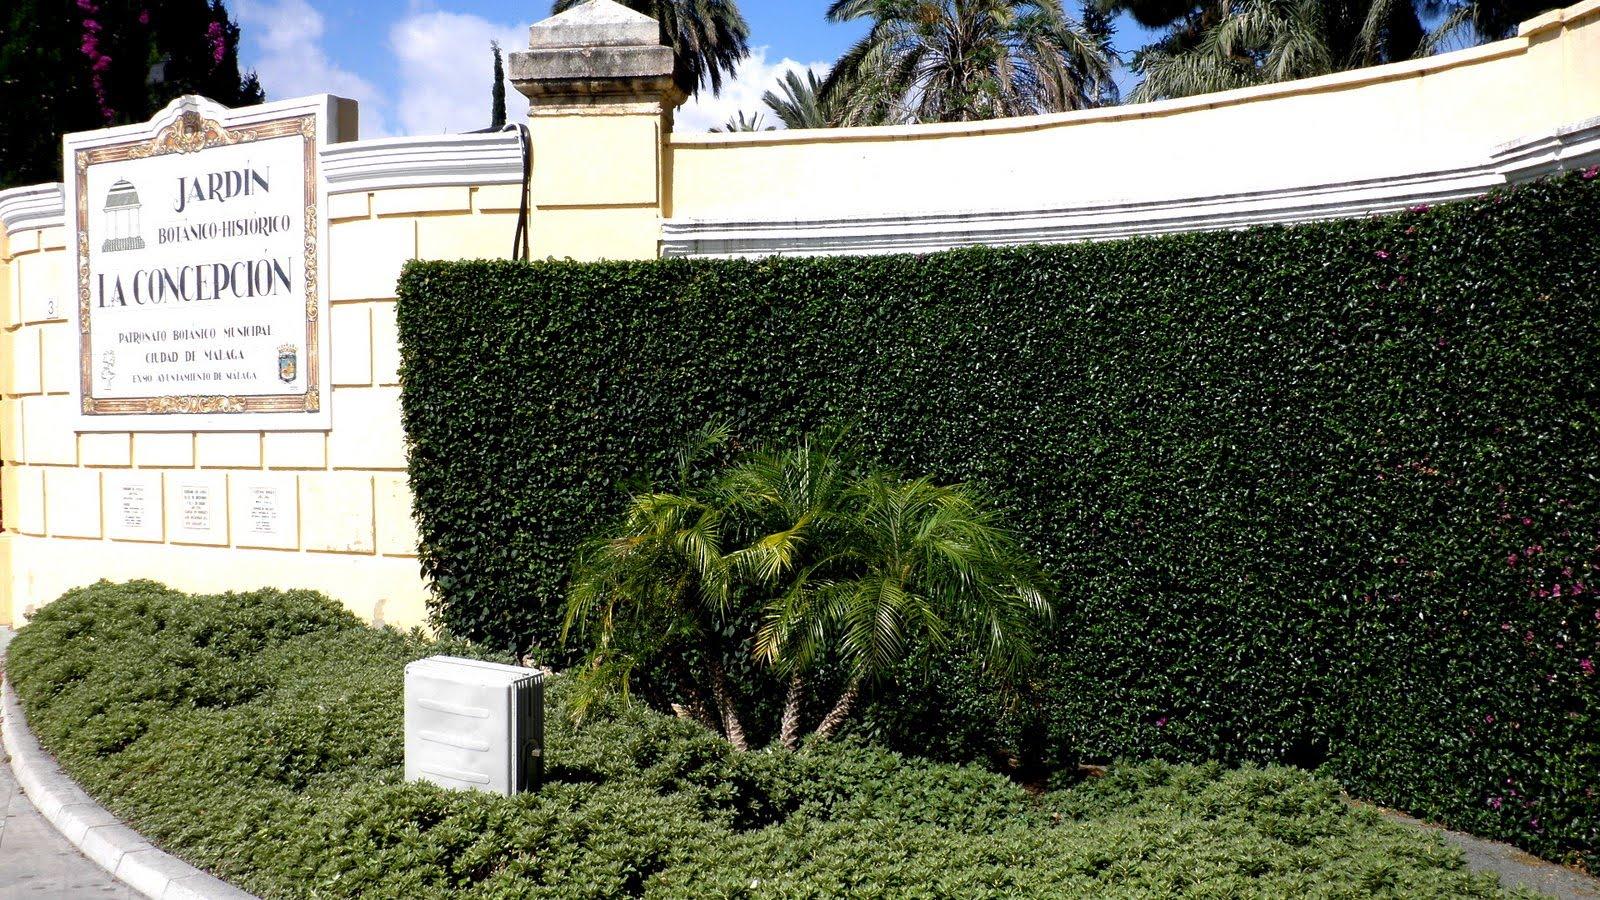 Jardinbio jardin botanico historico la concepcion 1 for Jardin botanico costo entrada